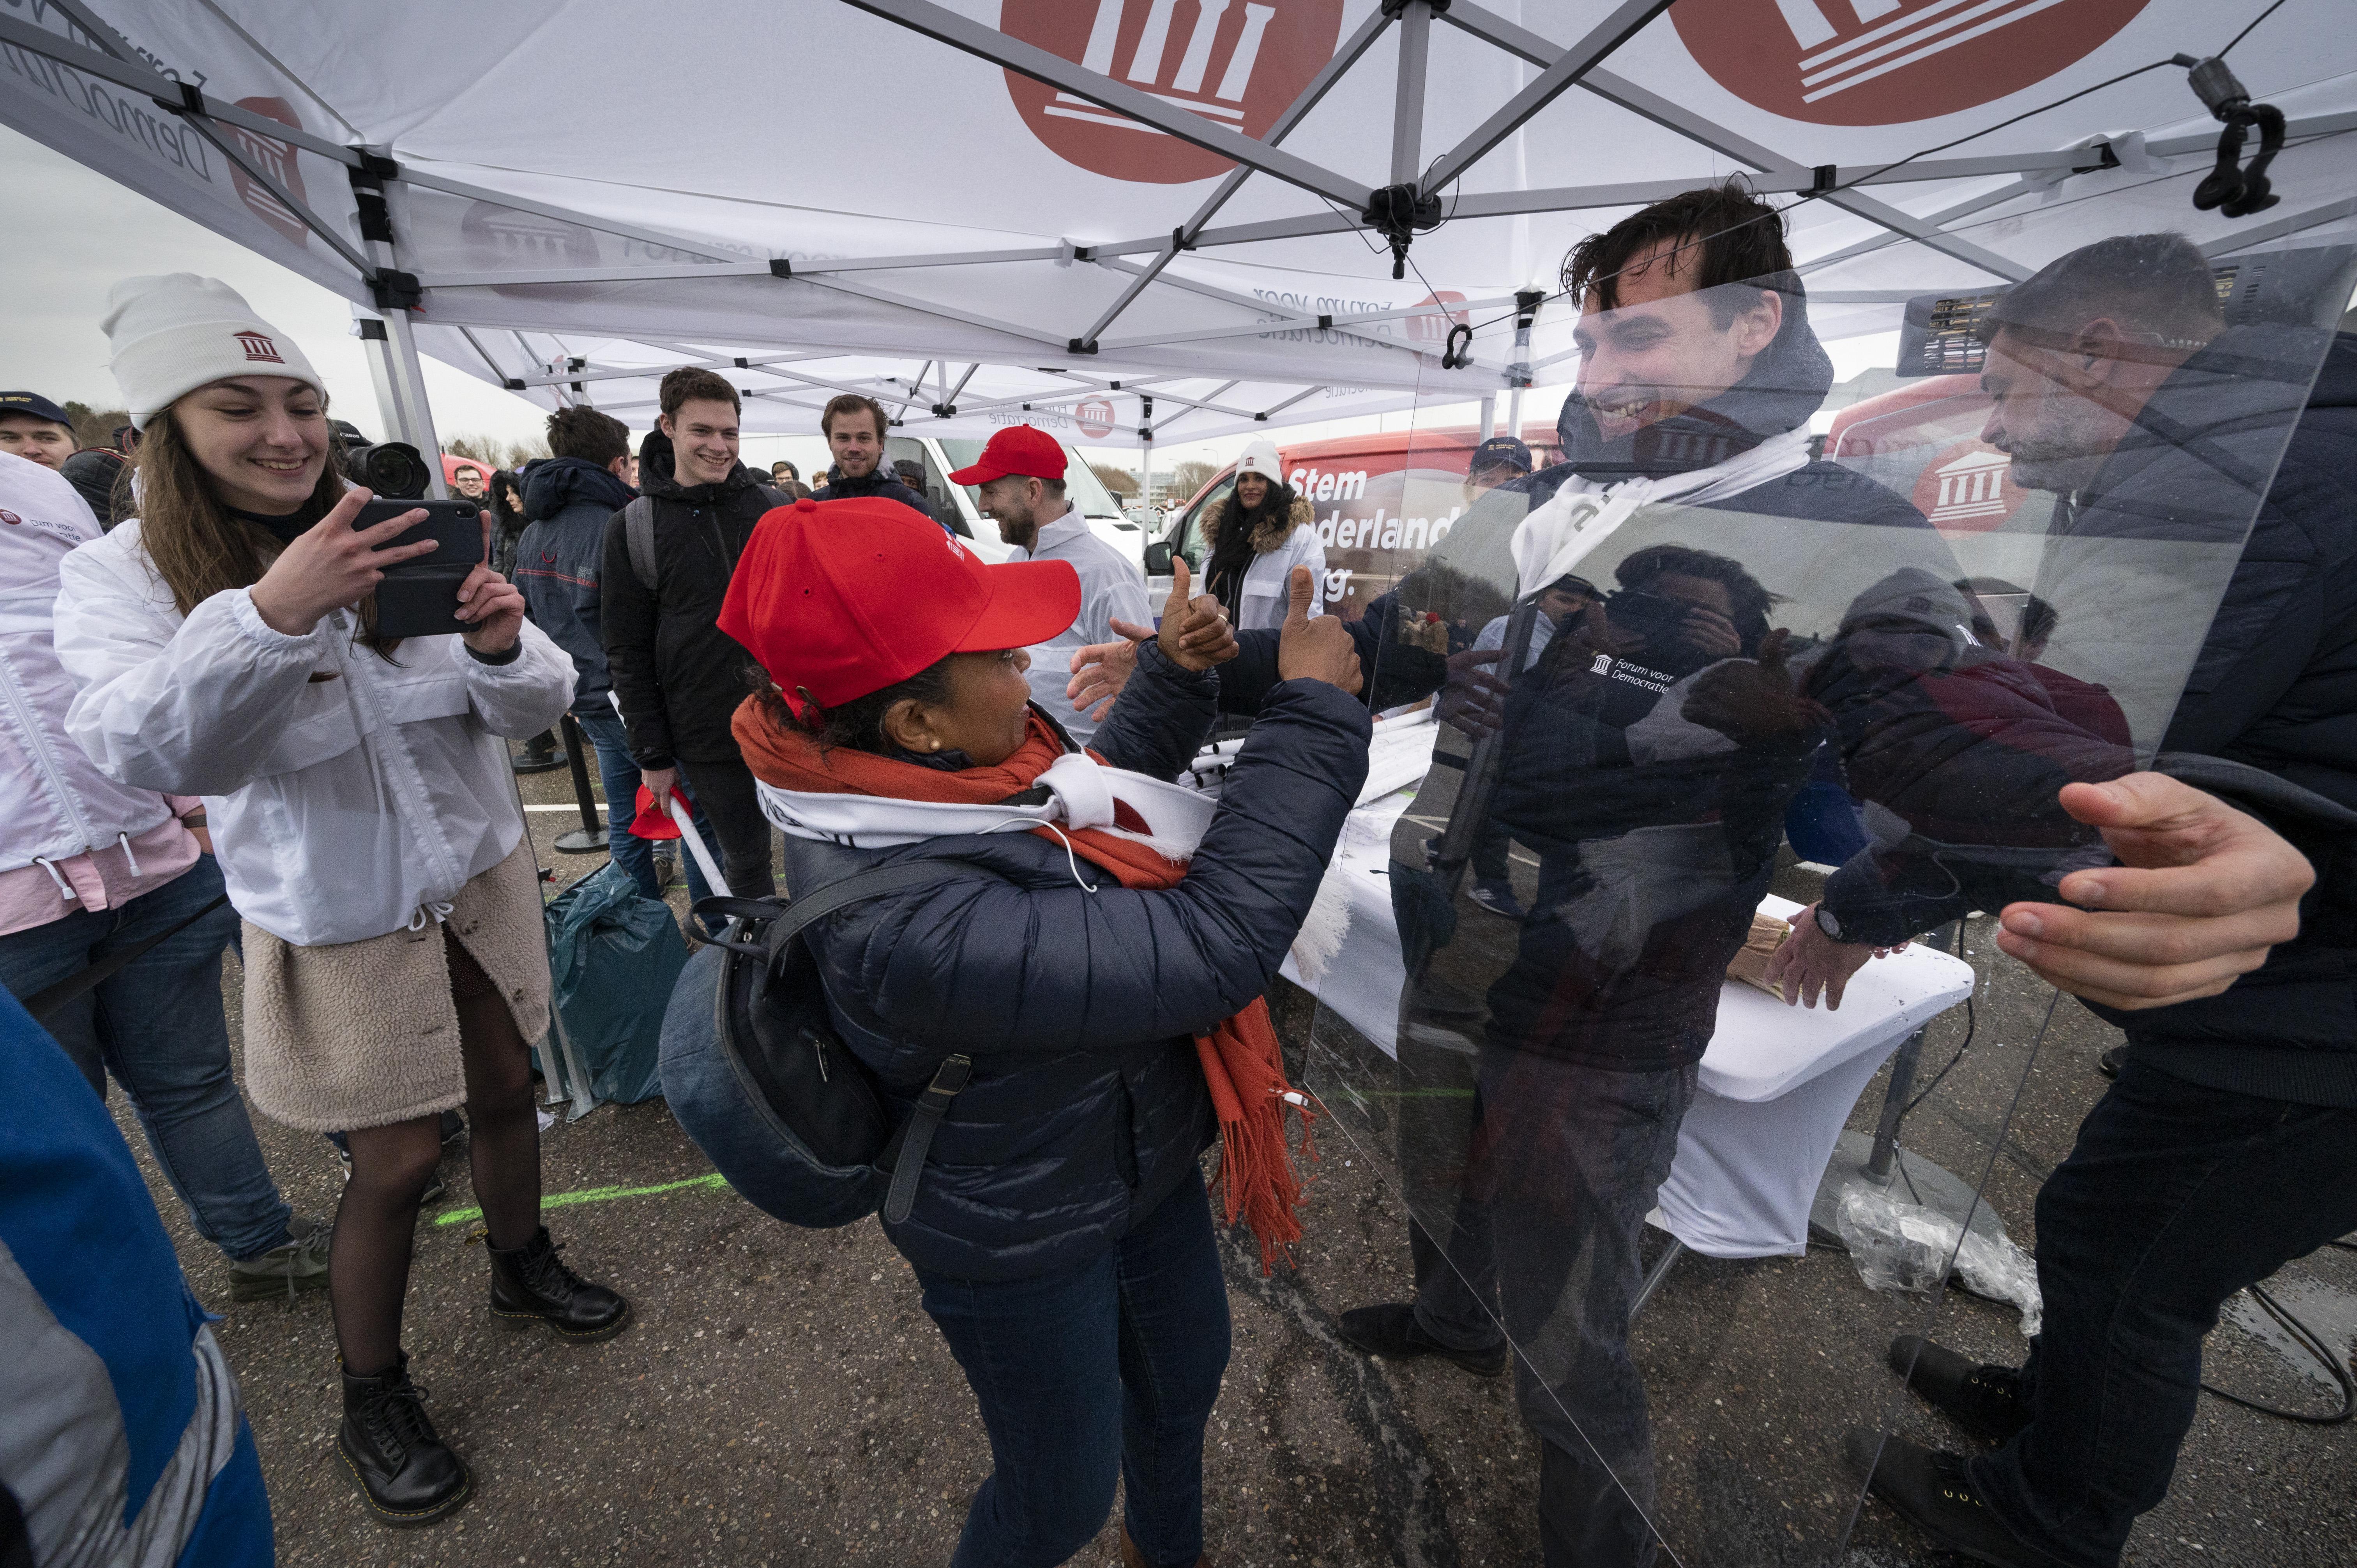 Verkiezingsrally Baudet in Katwijk frontale aanval op coronamaatregelen: 'Wij vormen het grootste civiele leger van dit land'